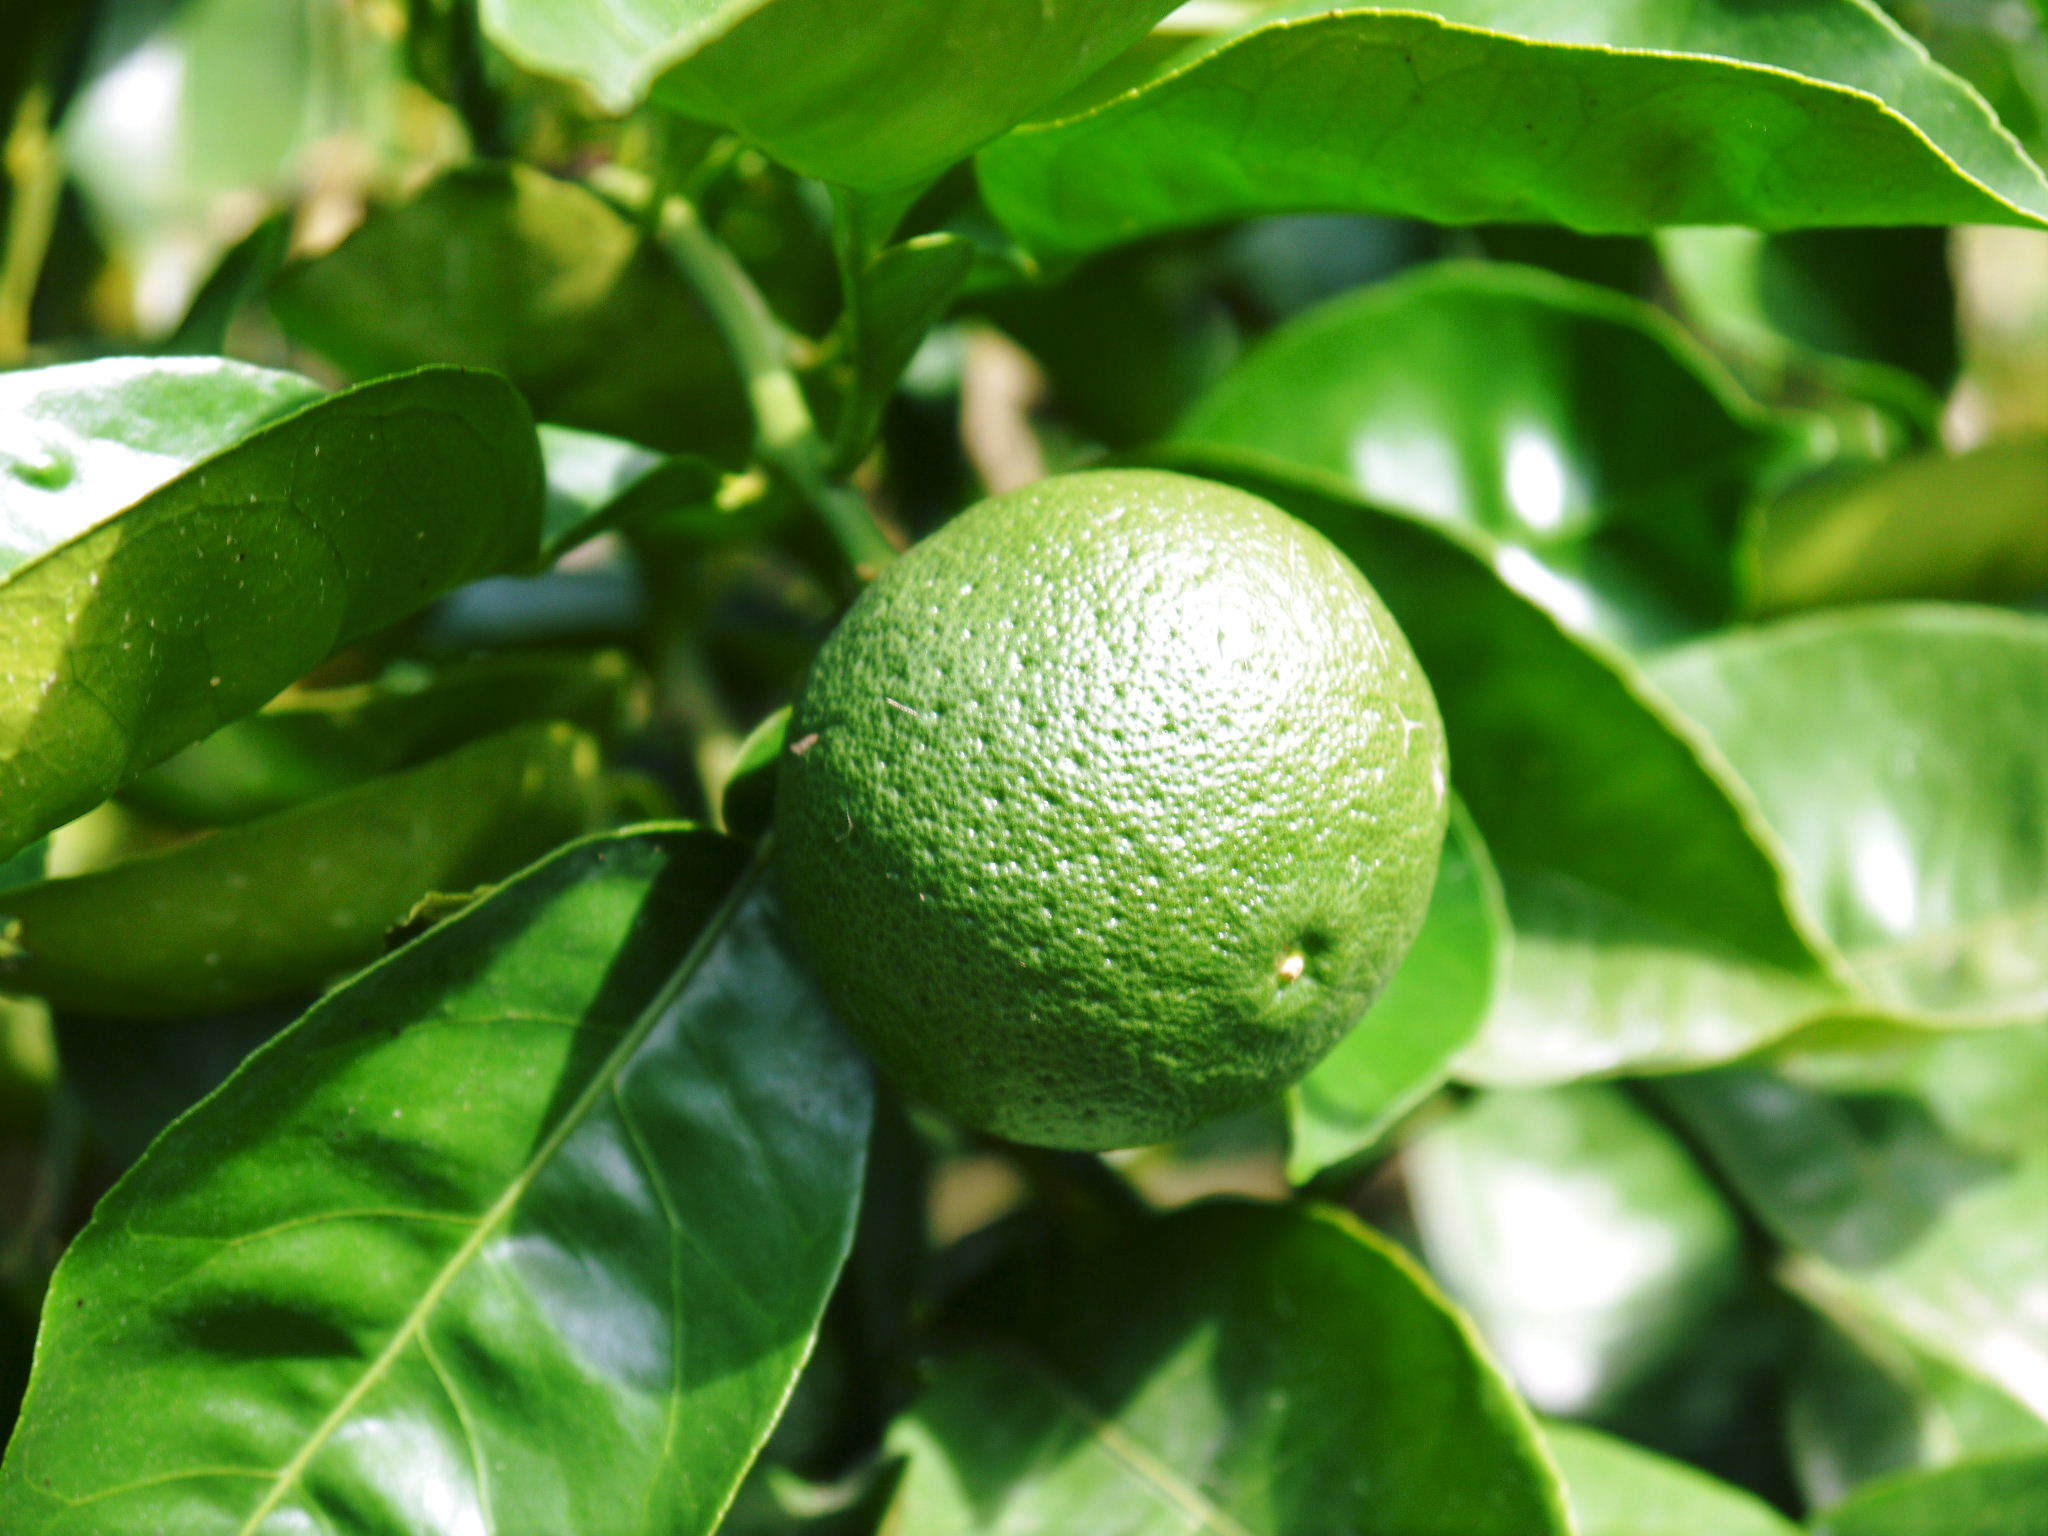 熊本県産!無農薬栽培の『種なしかぼす』令和3年の出荷は8月中旬からです!今年も順調に成長中!_a0254656_18292039.jpg